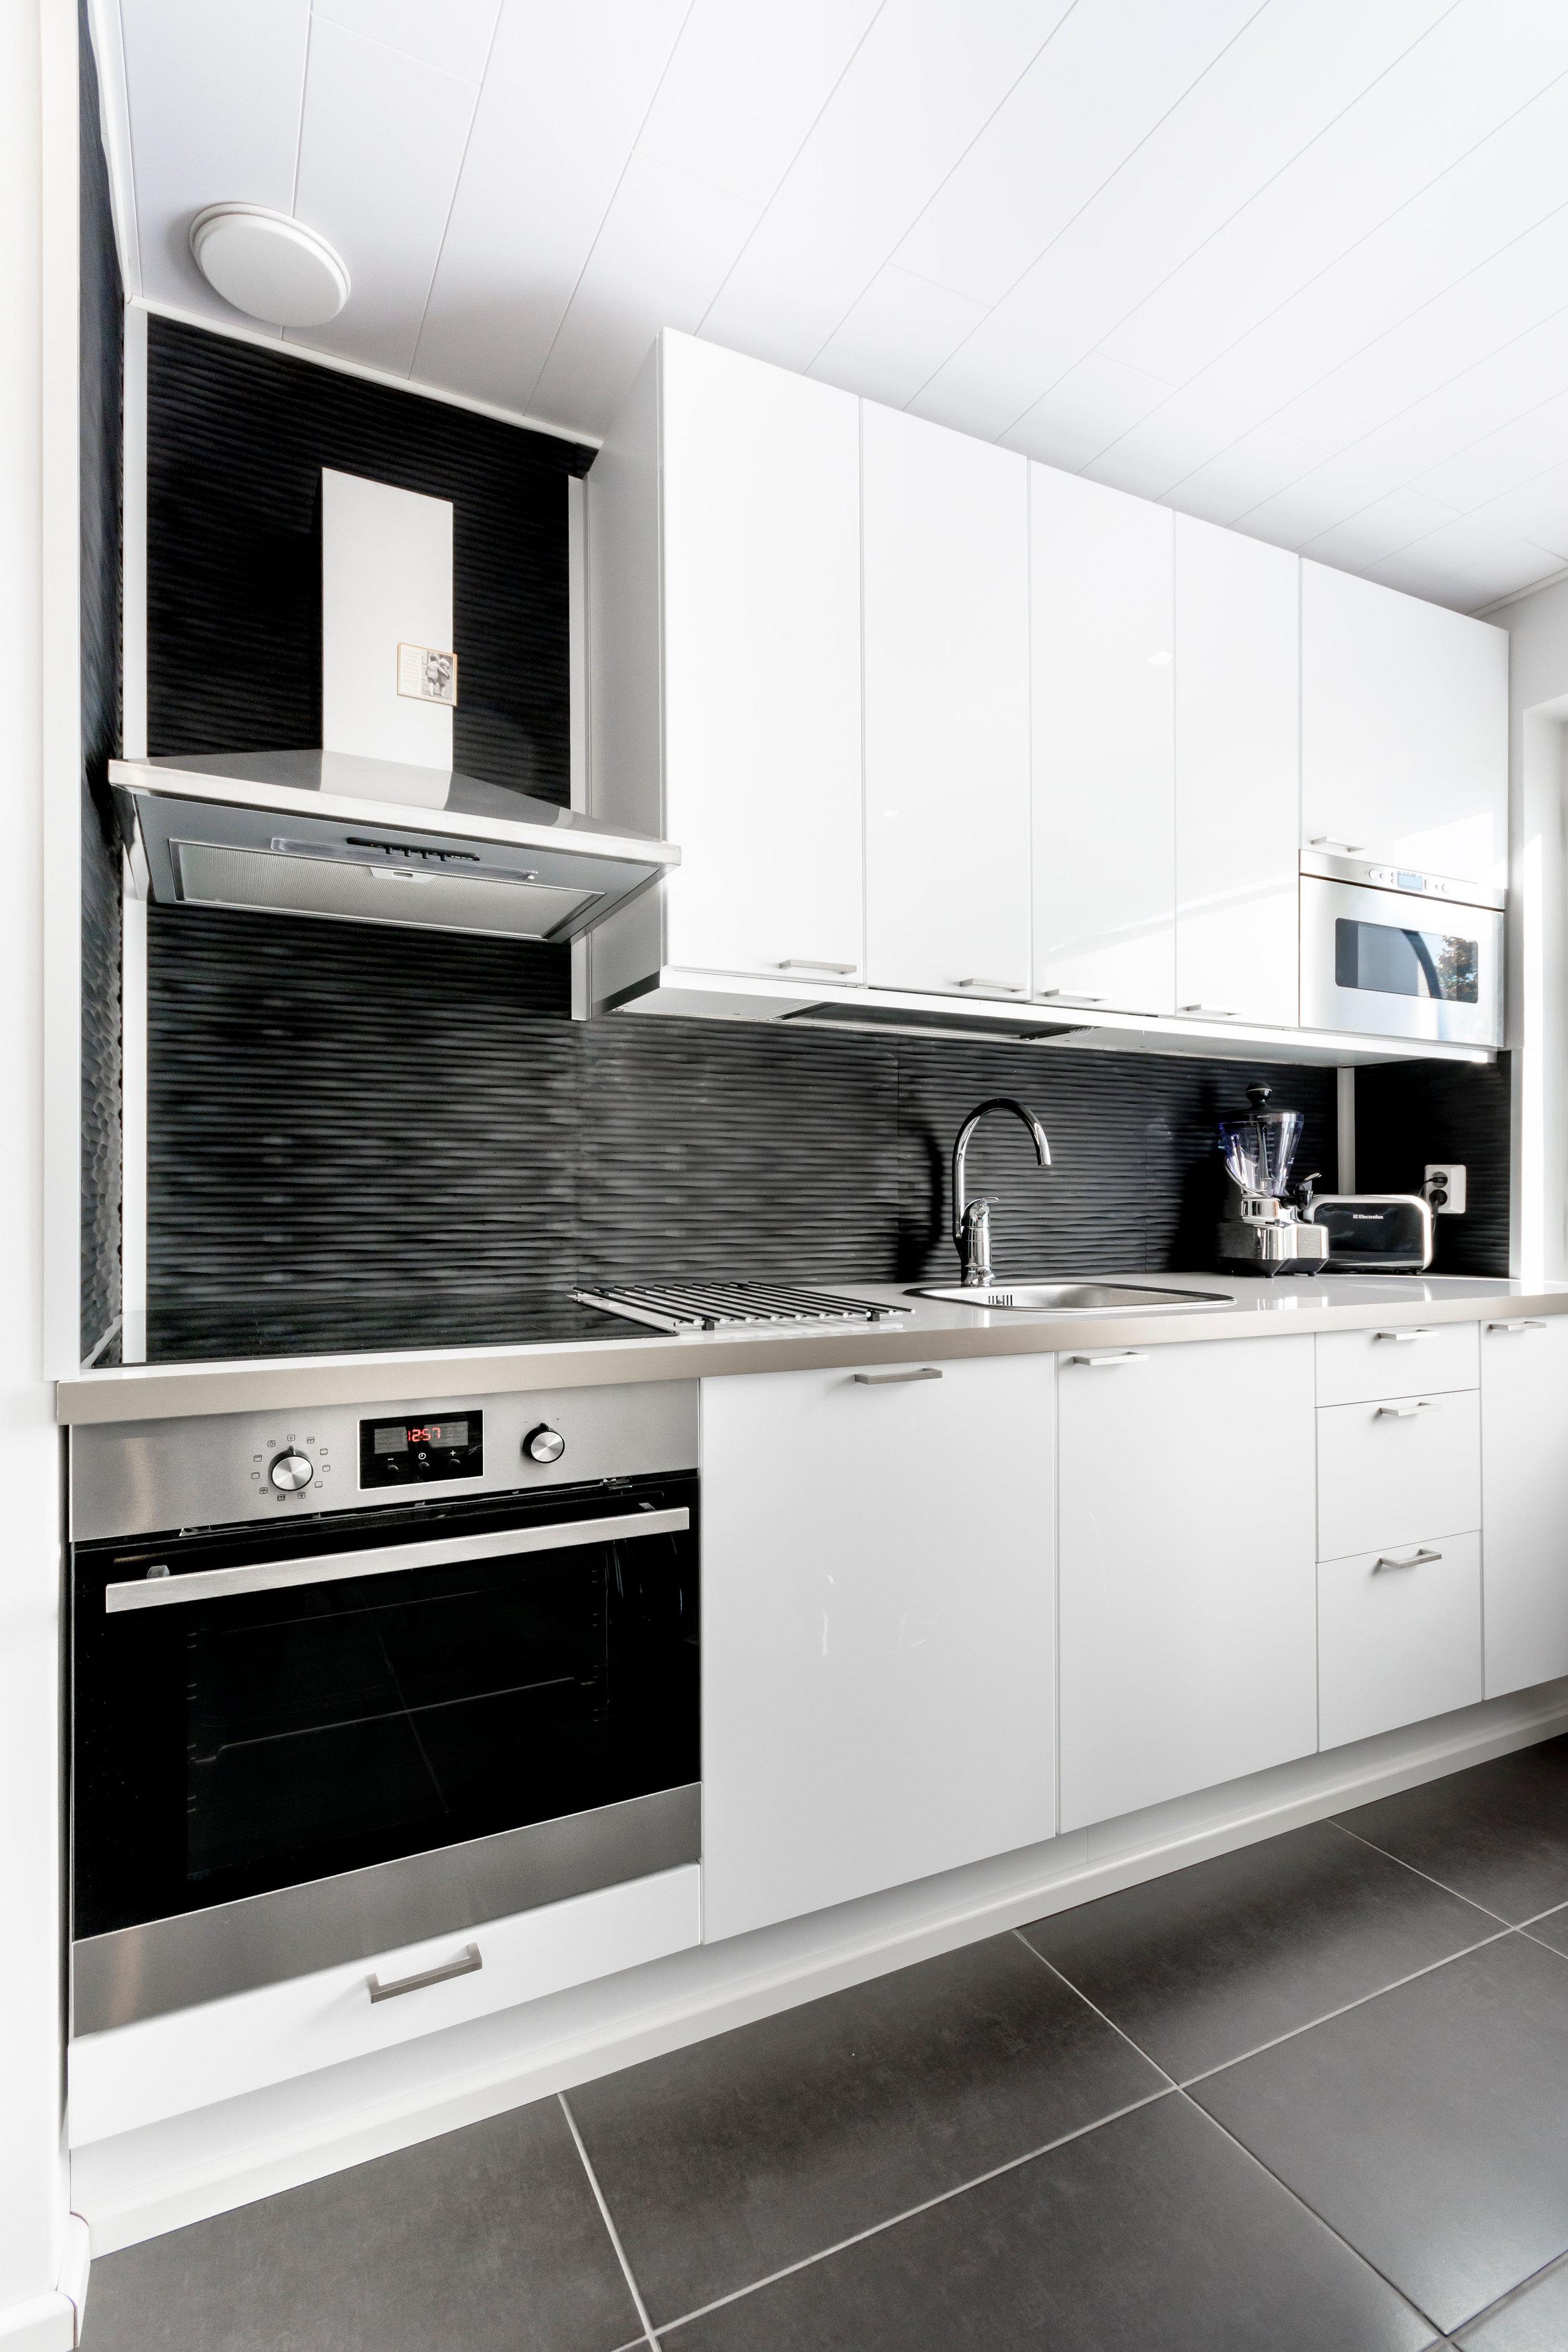 Aalto musta keittiö välitila sisustuslaatta wall+ wallplus.jpg